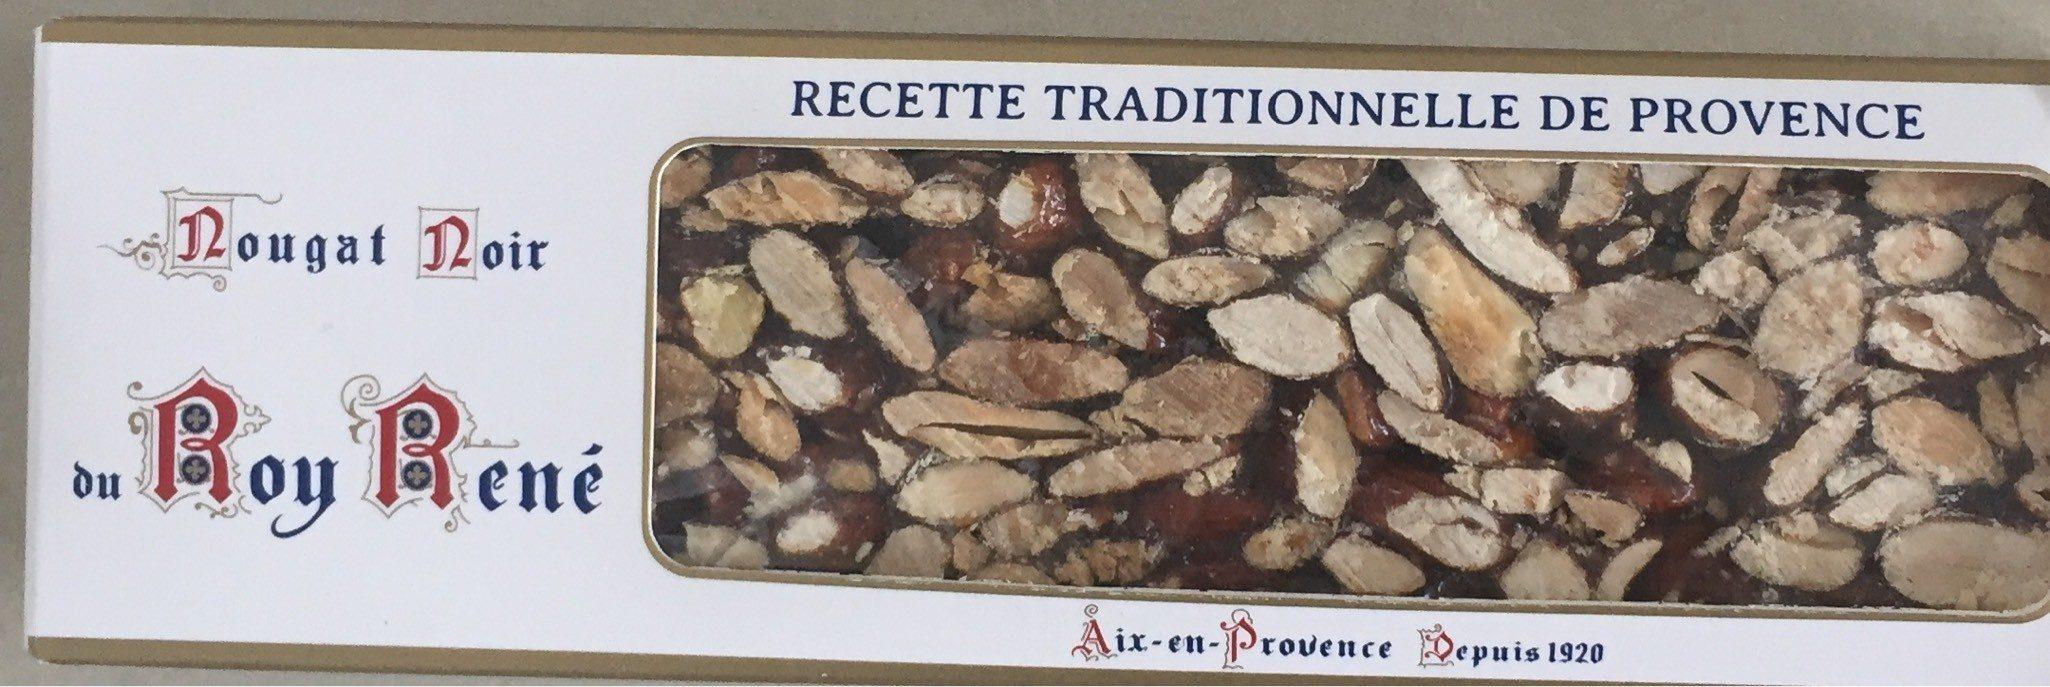 Nougat noir du roy rené - Produit - fr